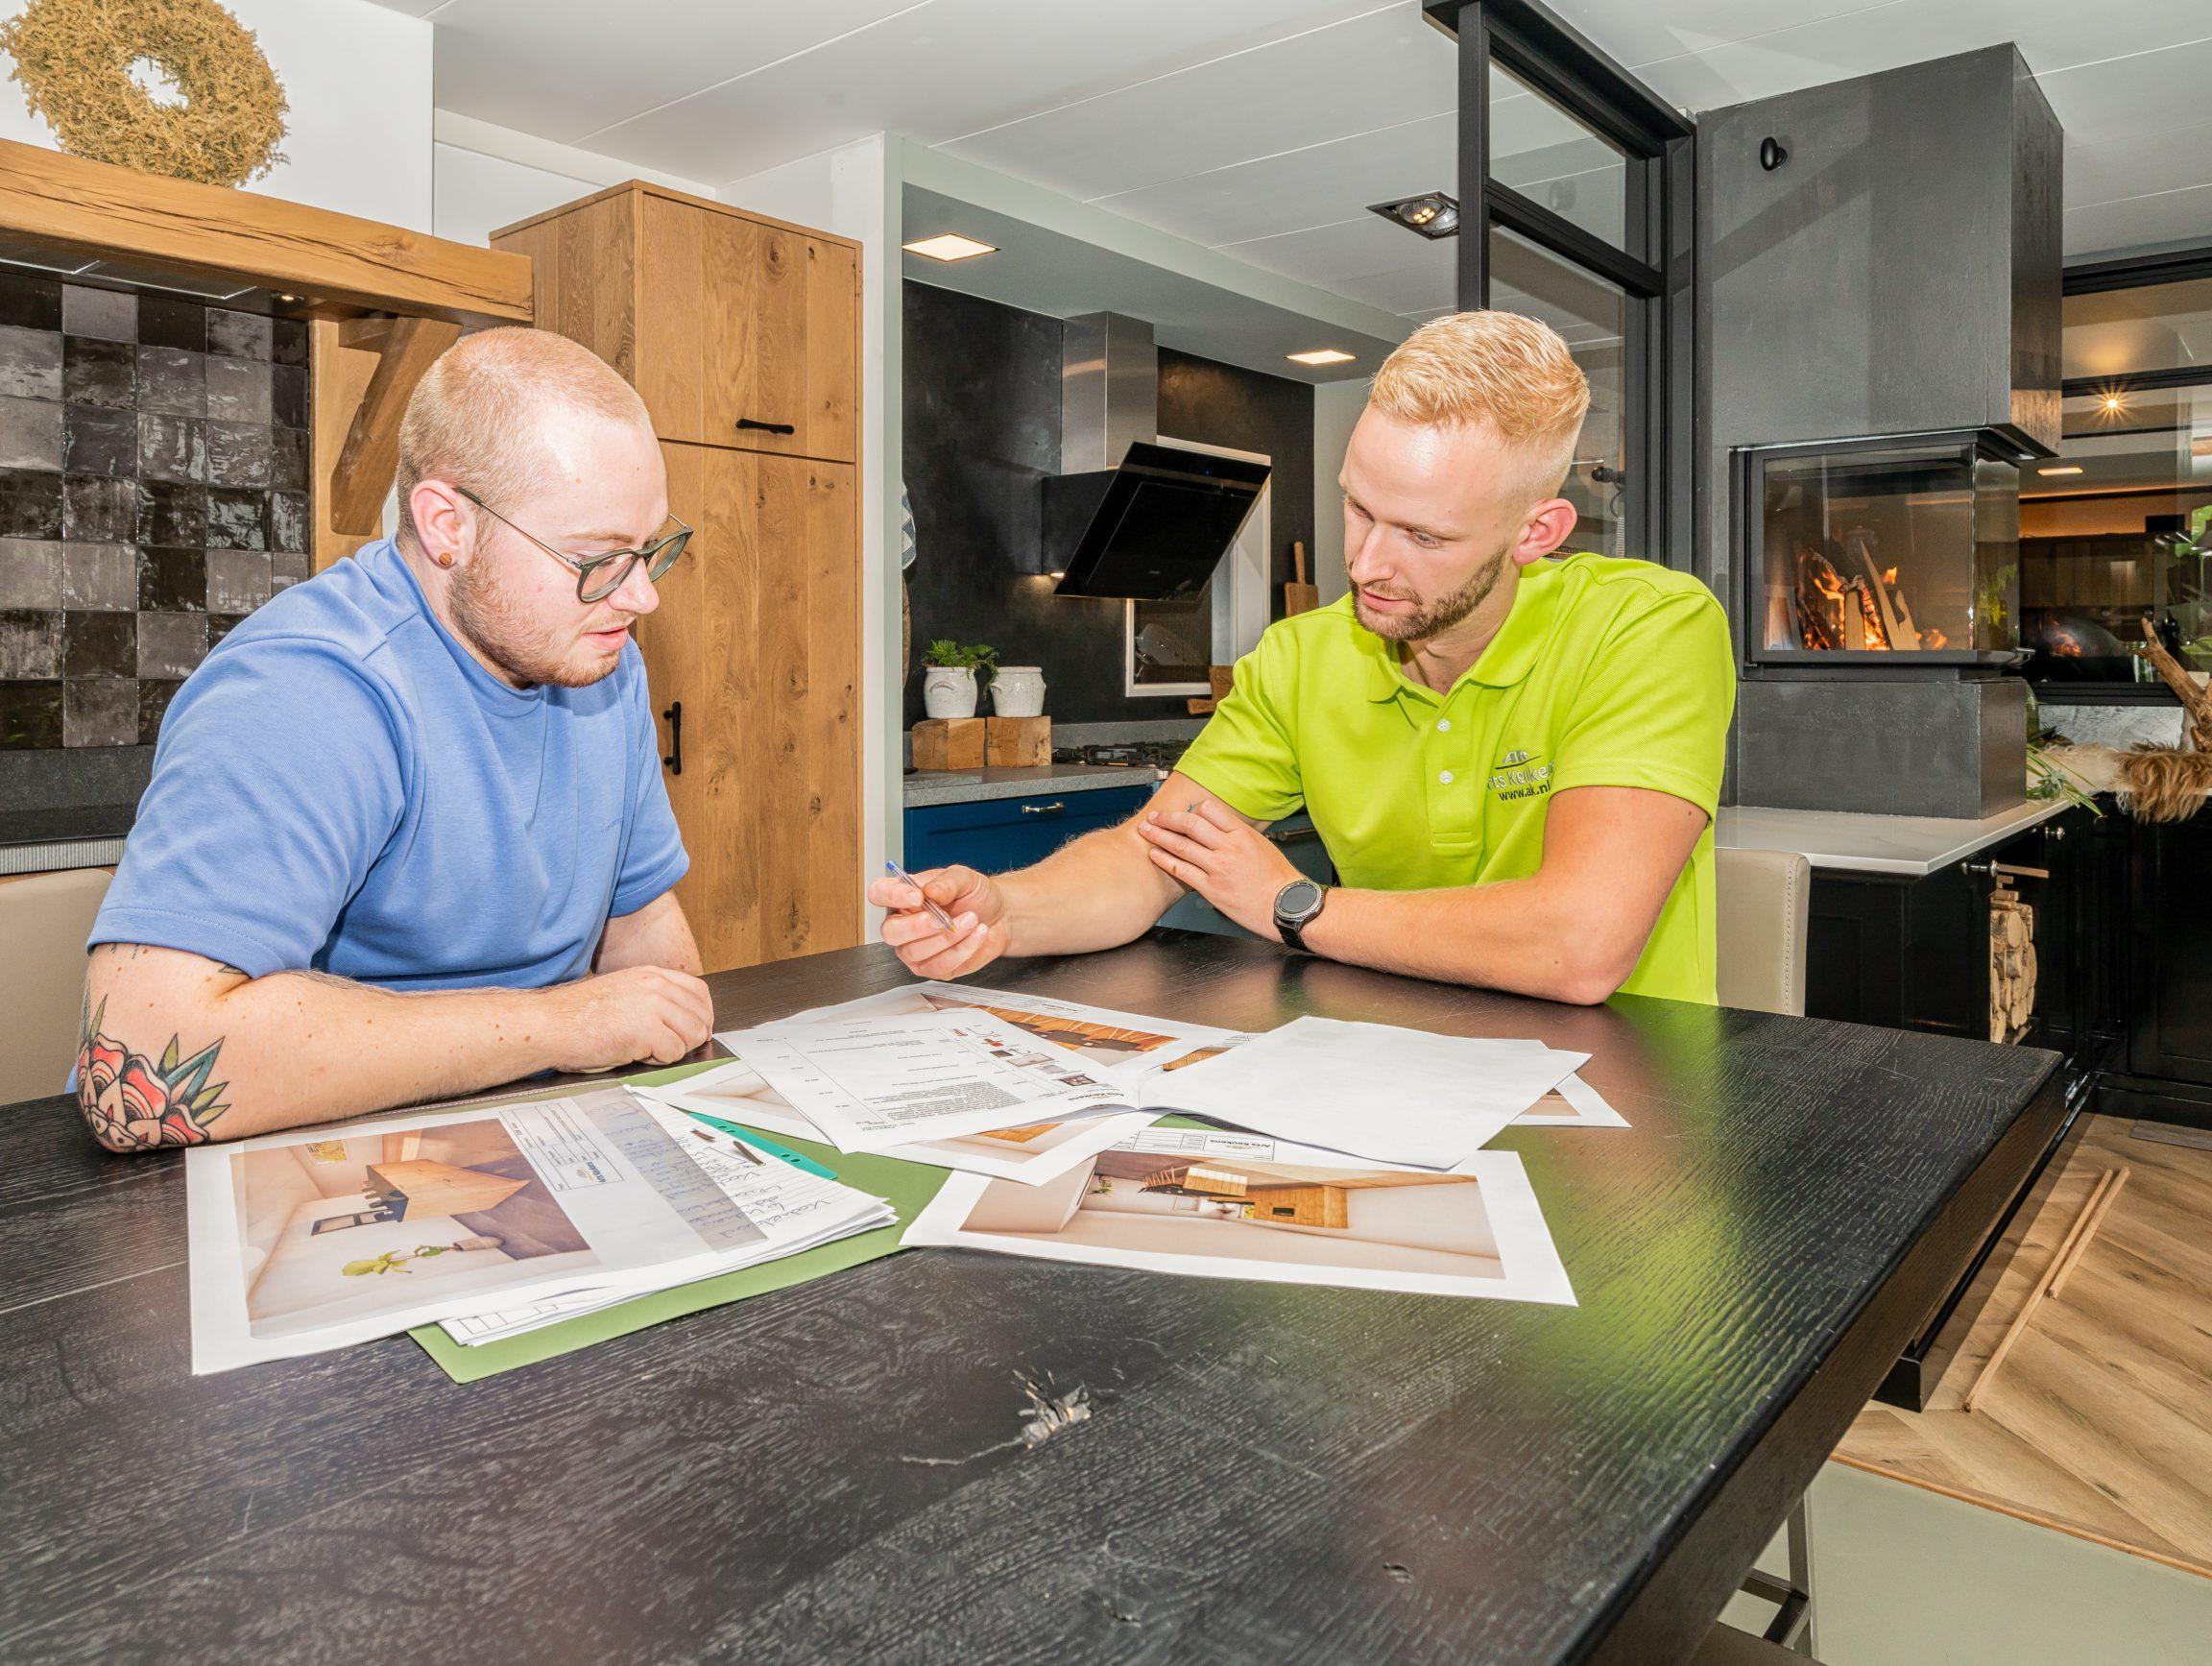 Bij Arts Keukens en Interieurwerken worden creatieve ontwerpen realiteit